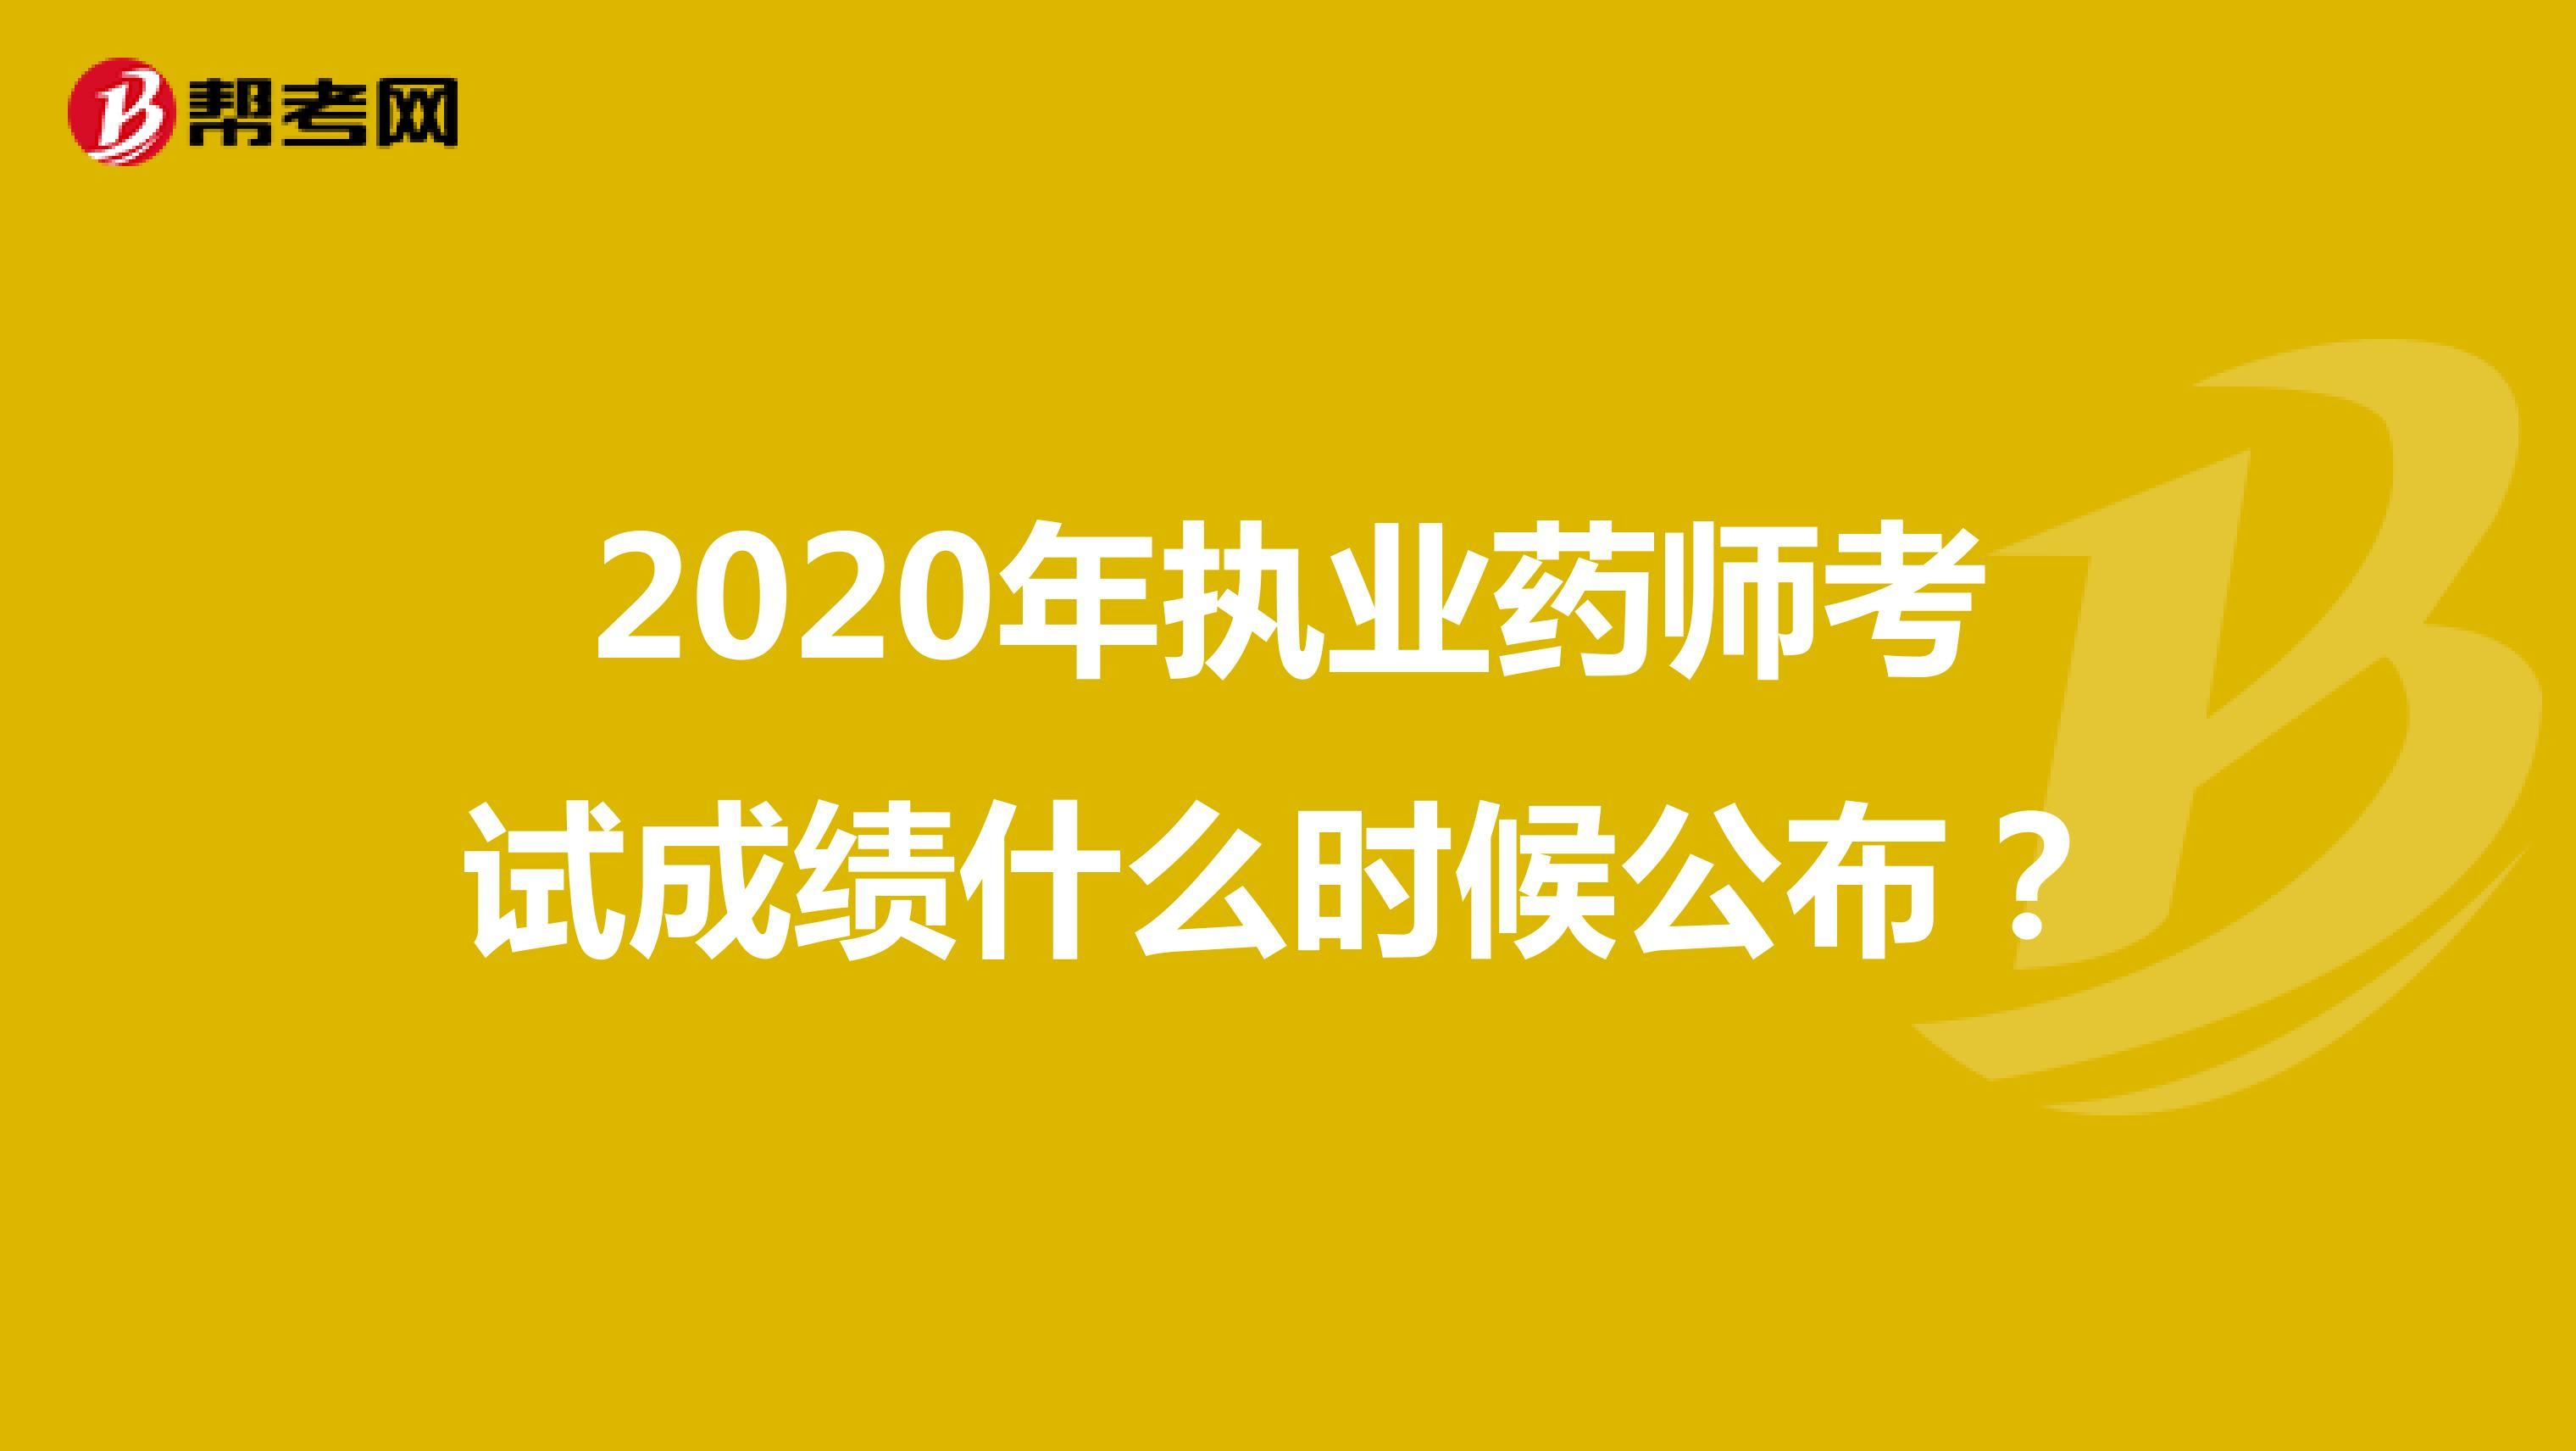 2020年执业药师考试成绩什么时候公布?